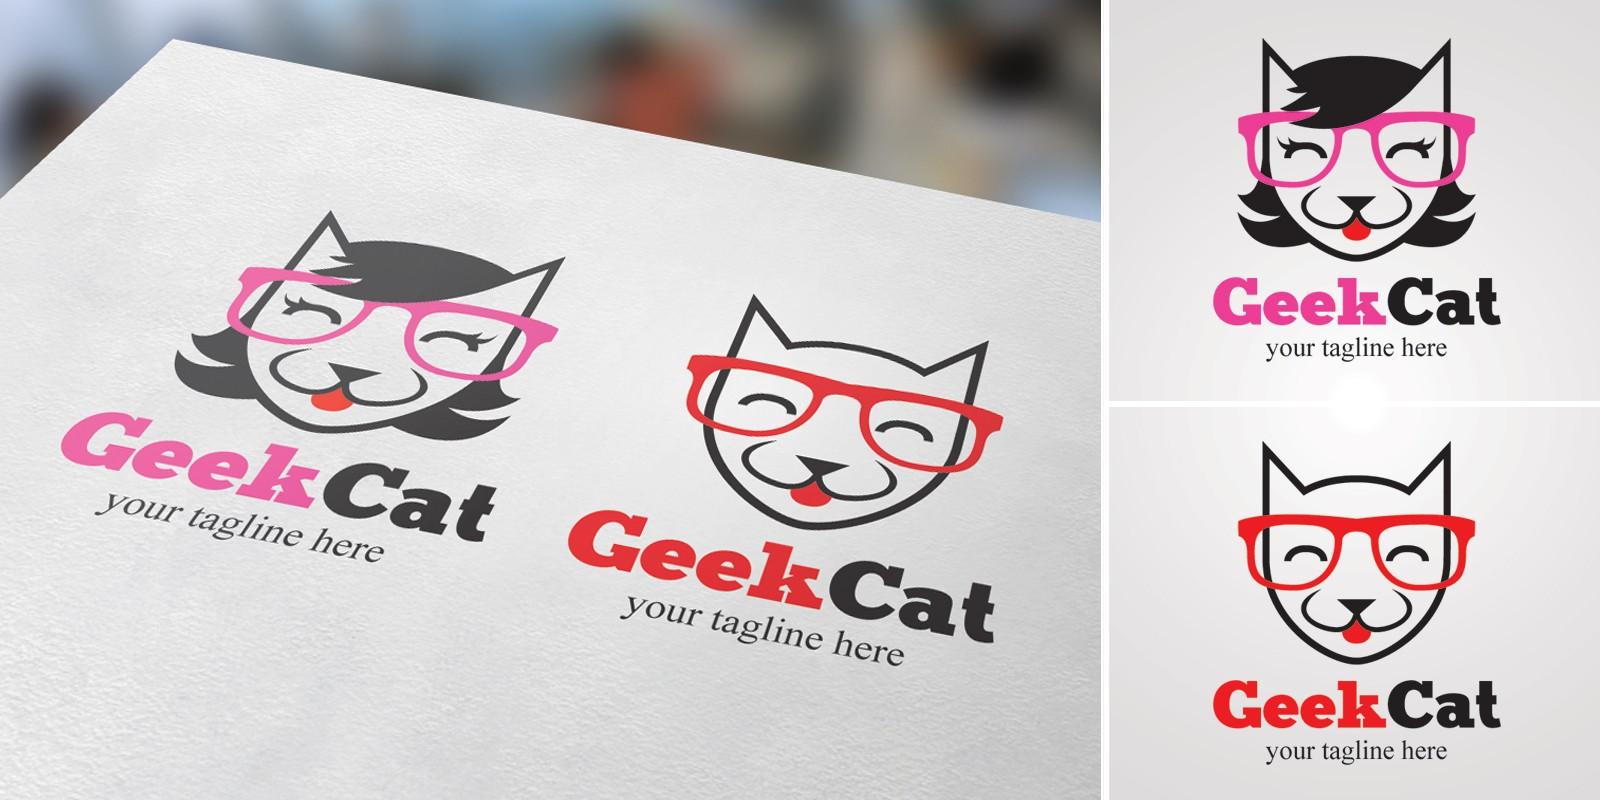 Geek Cat - Male And Female Logo